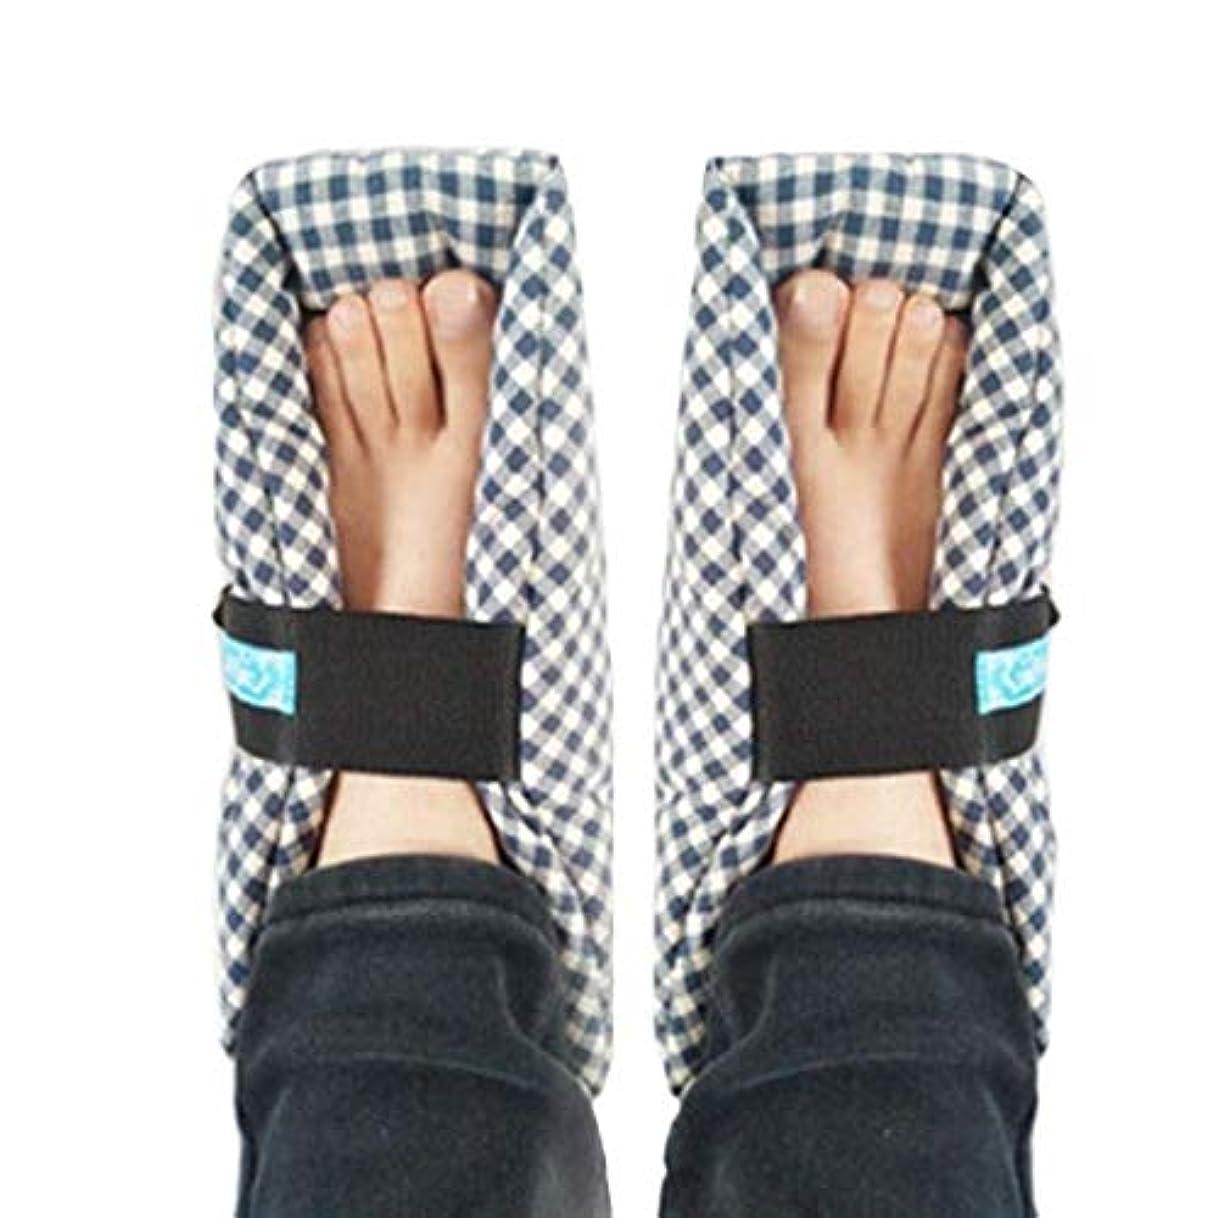 味付け誠意単位TONGSH 足枕、かかとプロテクター、かかとクッション、かかと保護、効果的な、瘡およびかかと潰瘍の救済、腫れた足に最適、快適なかかと保護足枕、1組、格子縞